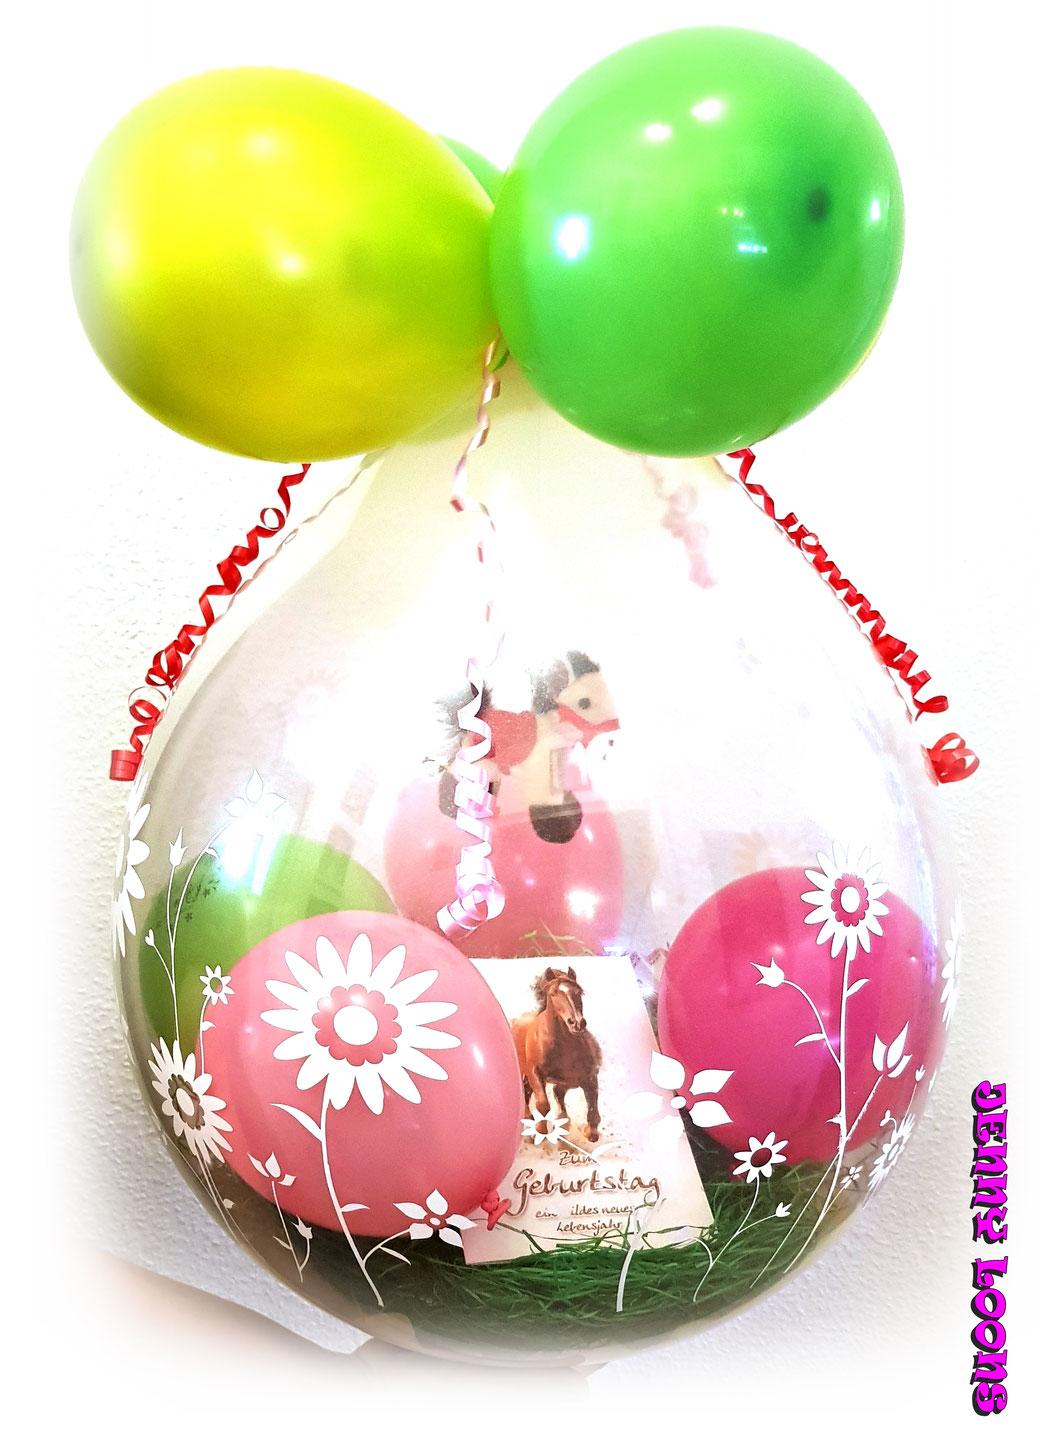 Geschenkballons zur Geburt - Hochzeit - Jubiläum - Geburtstag und viel mehr